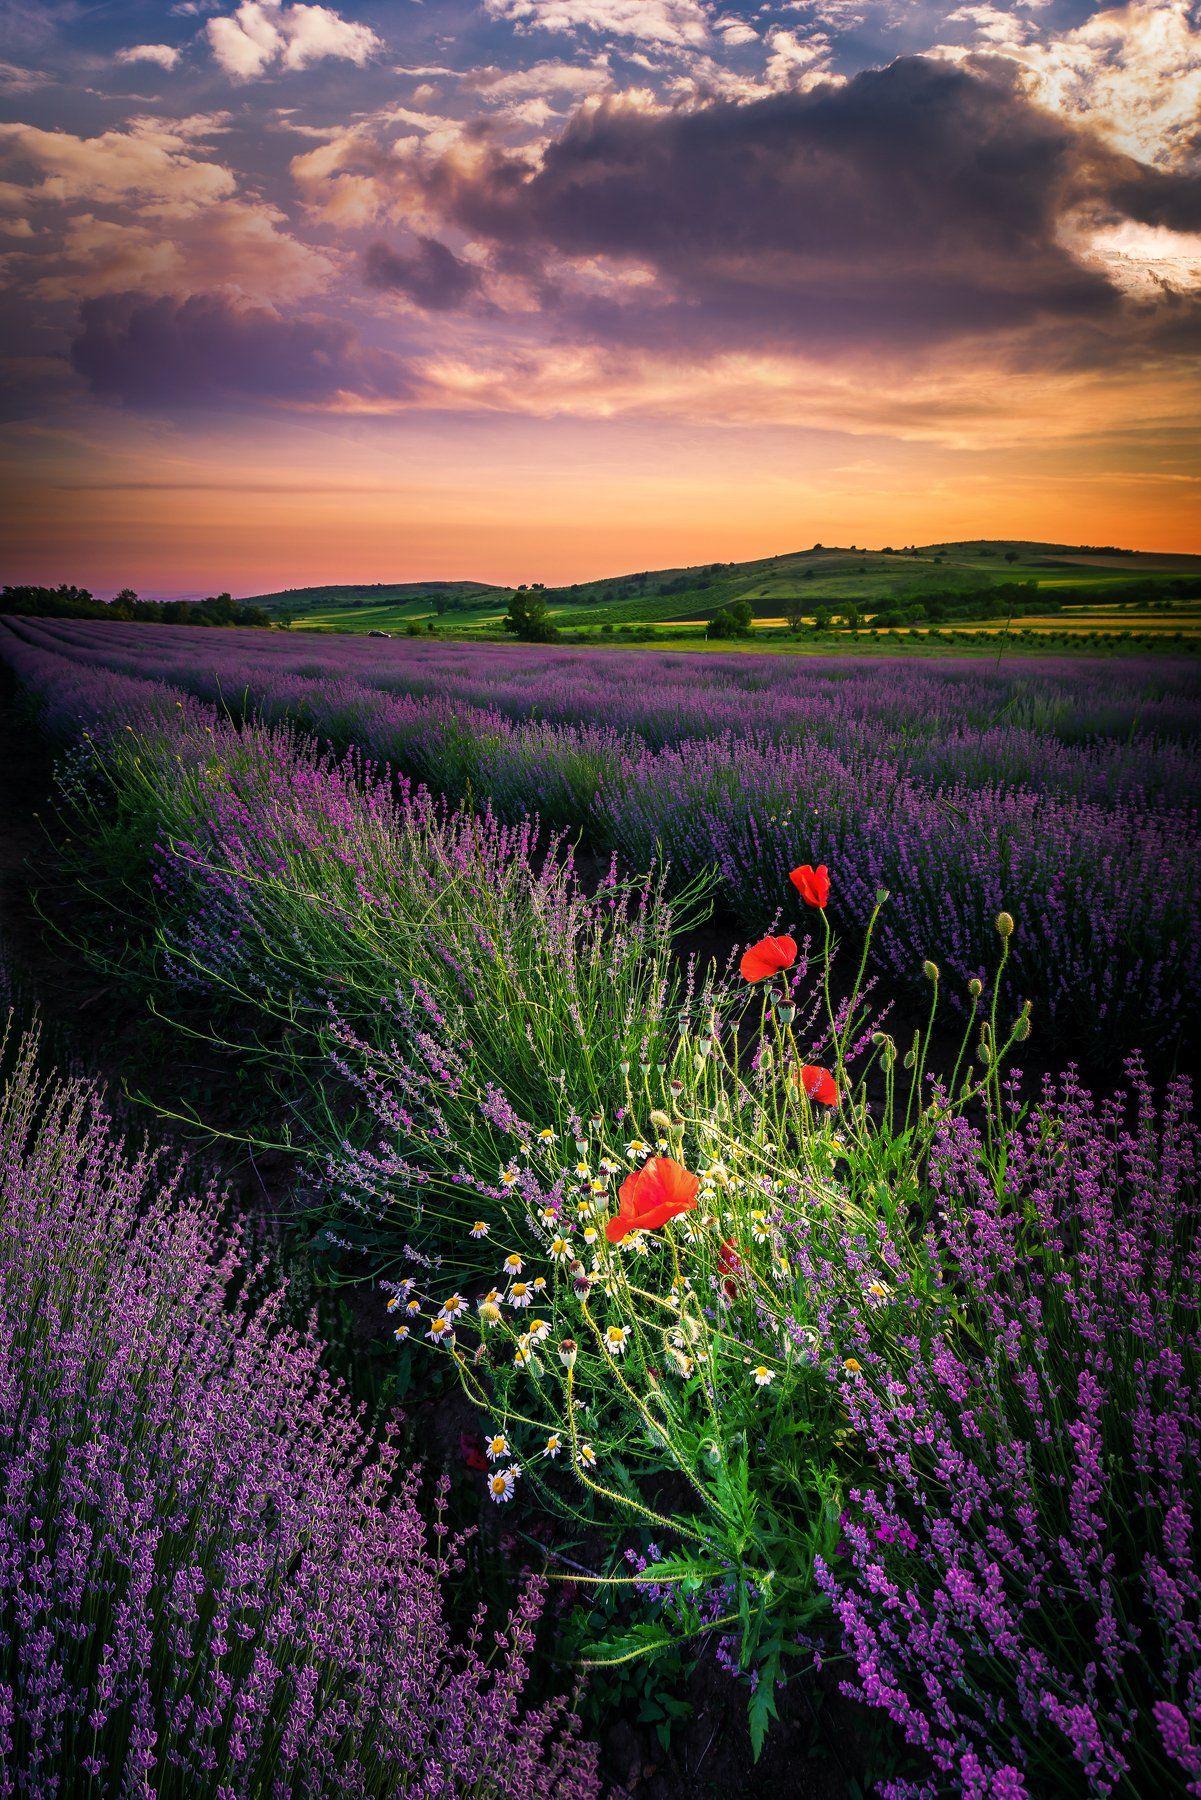 sunset, lavender, flowers, poppy,clouds, landscape,field, Jeni Madjarova